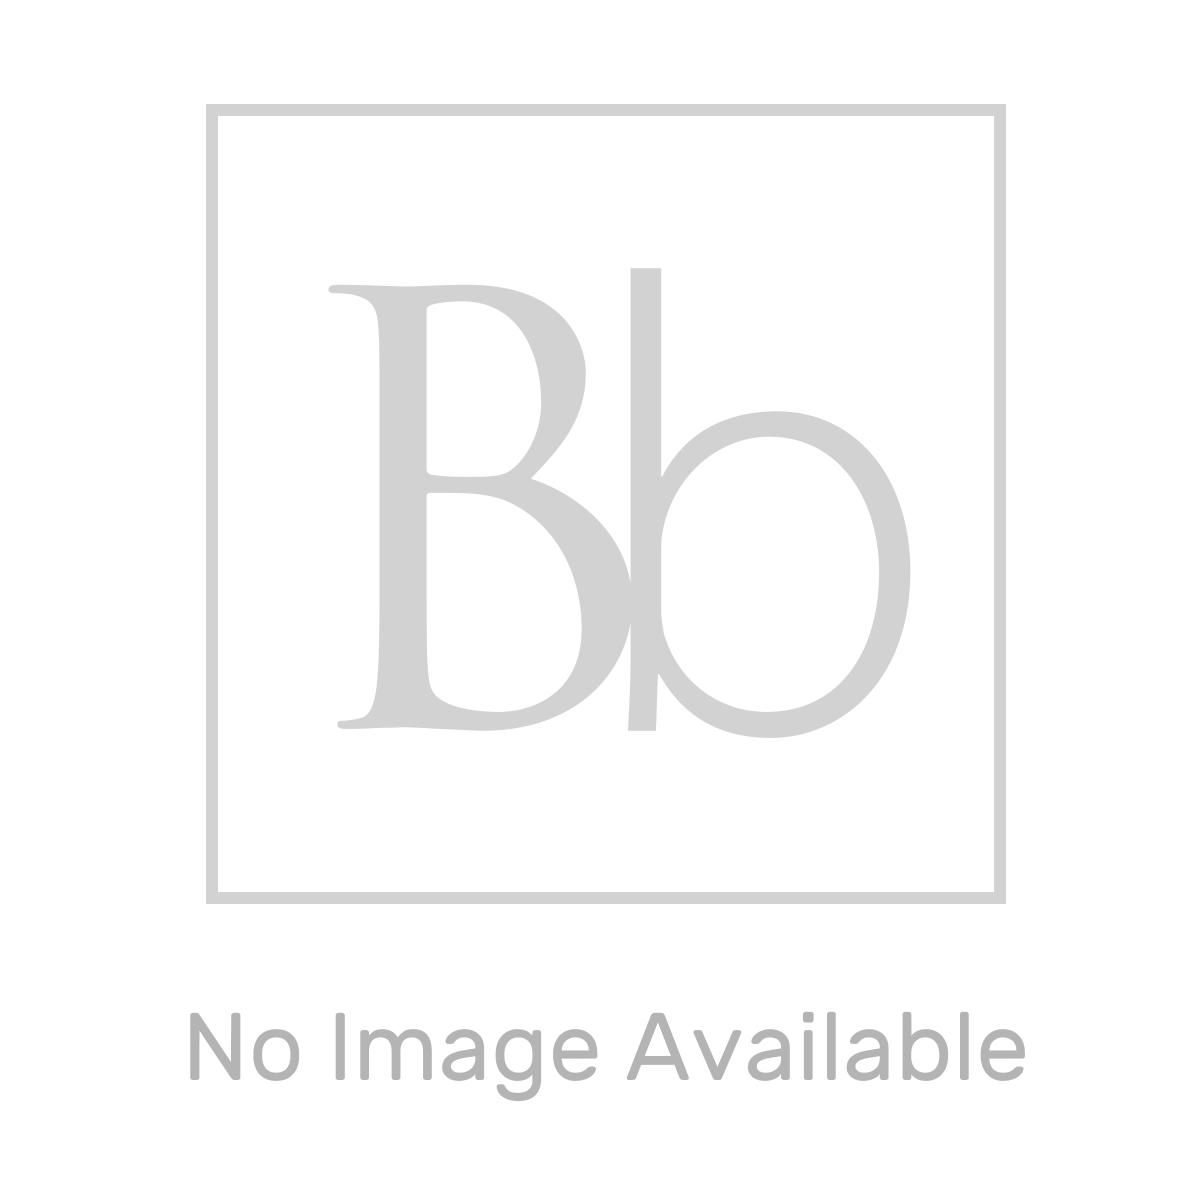 RAK Surface Dark Greige Tile 600 x 600mm